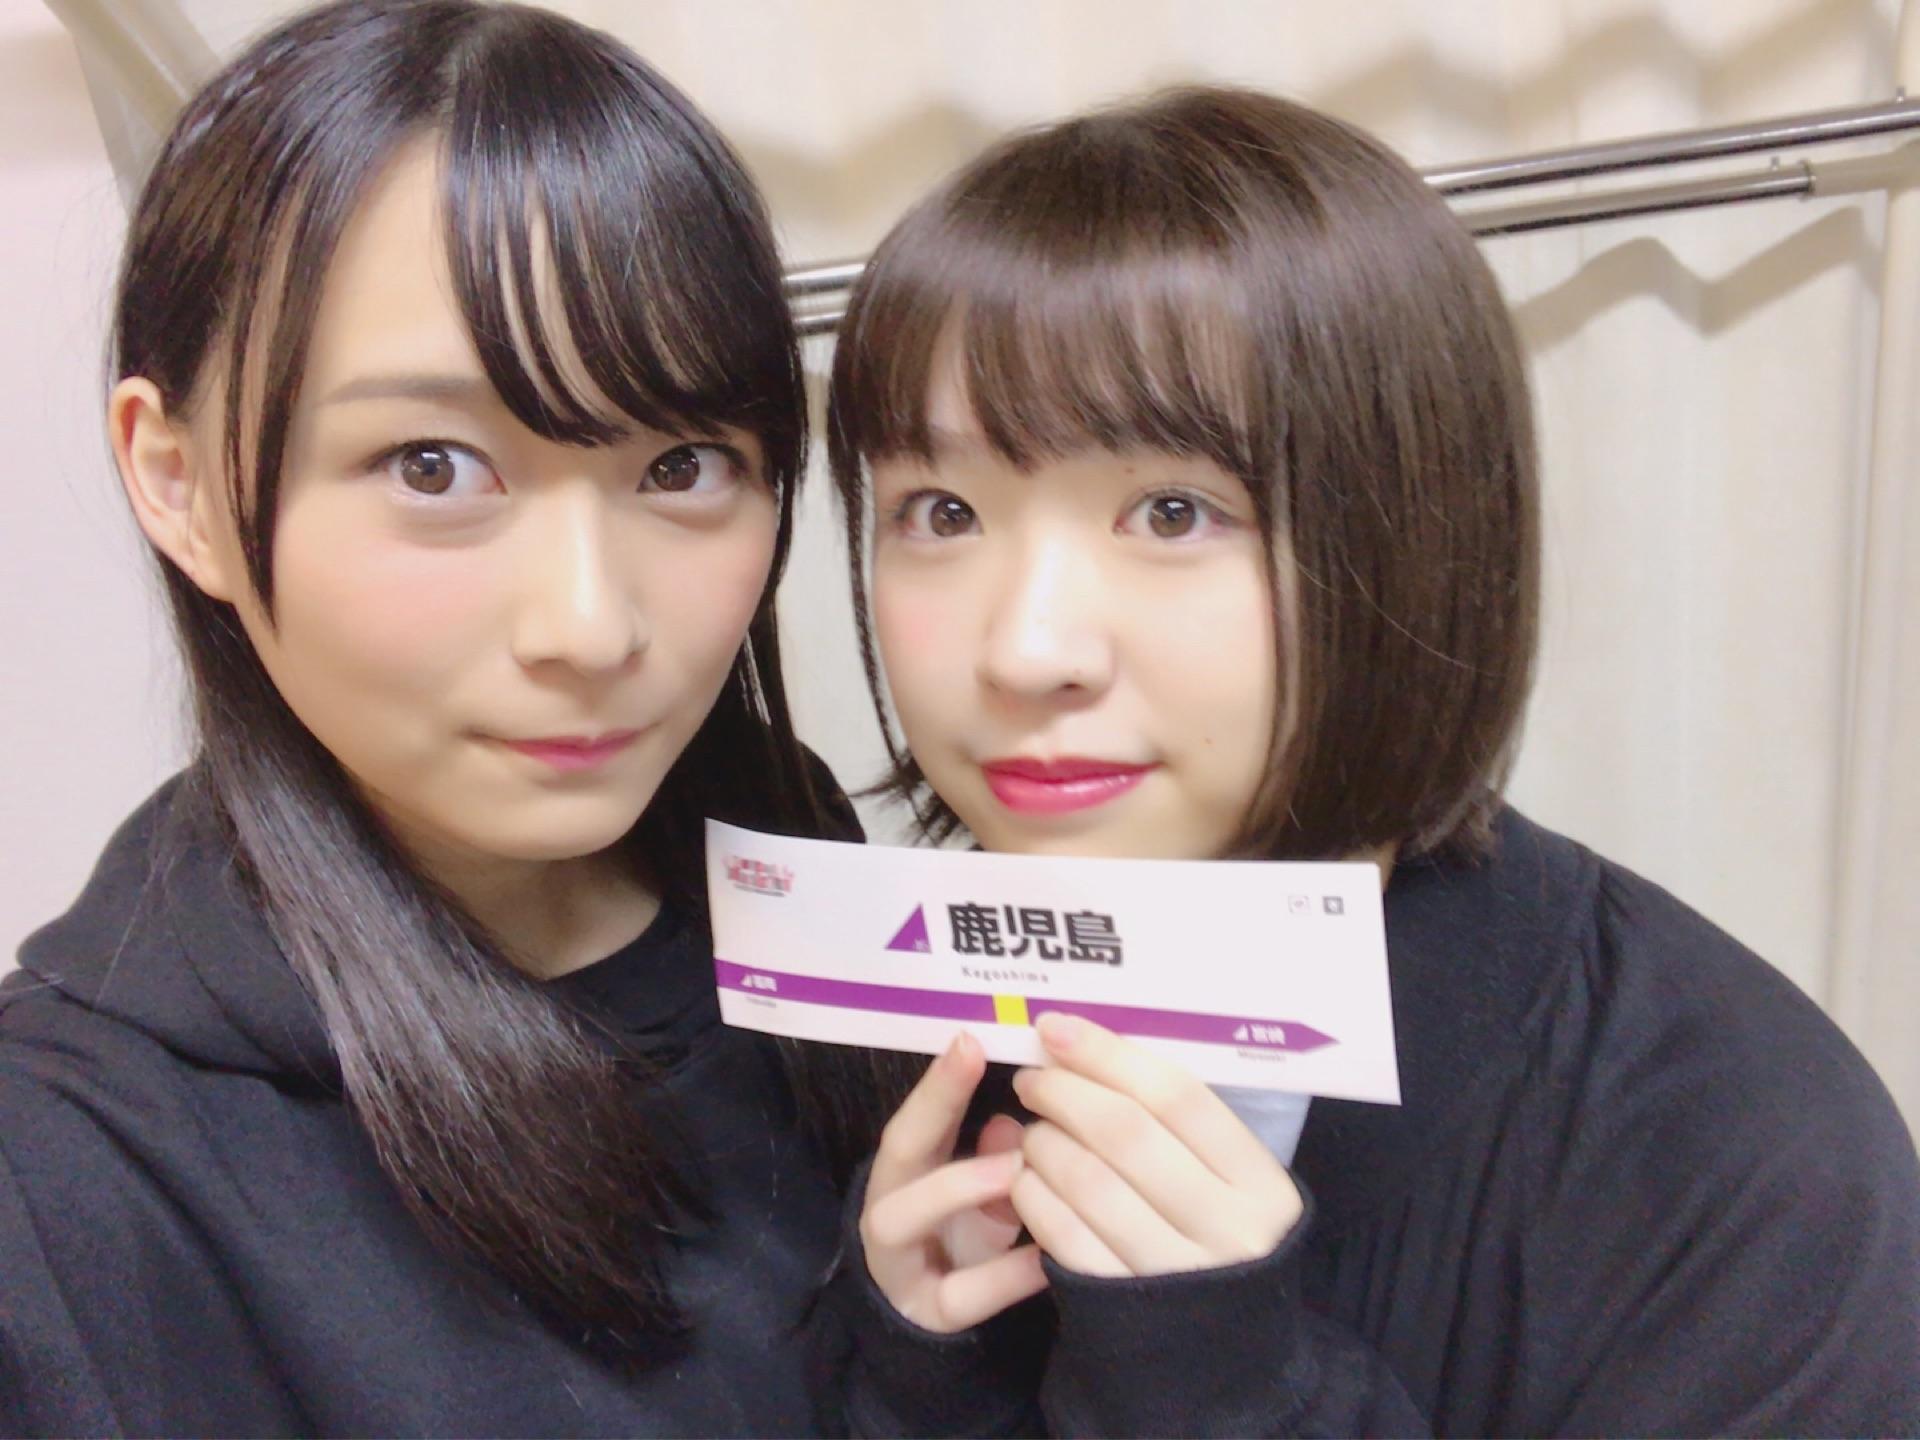 乃木坂46「アンダーライブ全国ツアー2017」鹿児島公演 鈴木絢音 渡辺みり愛